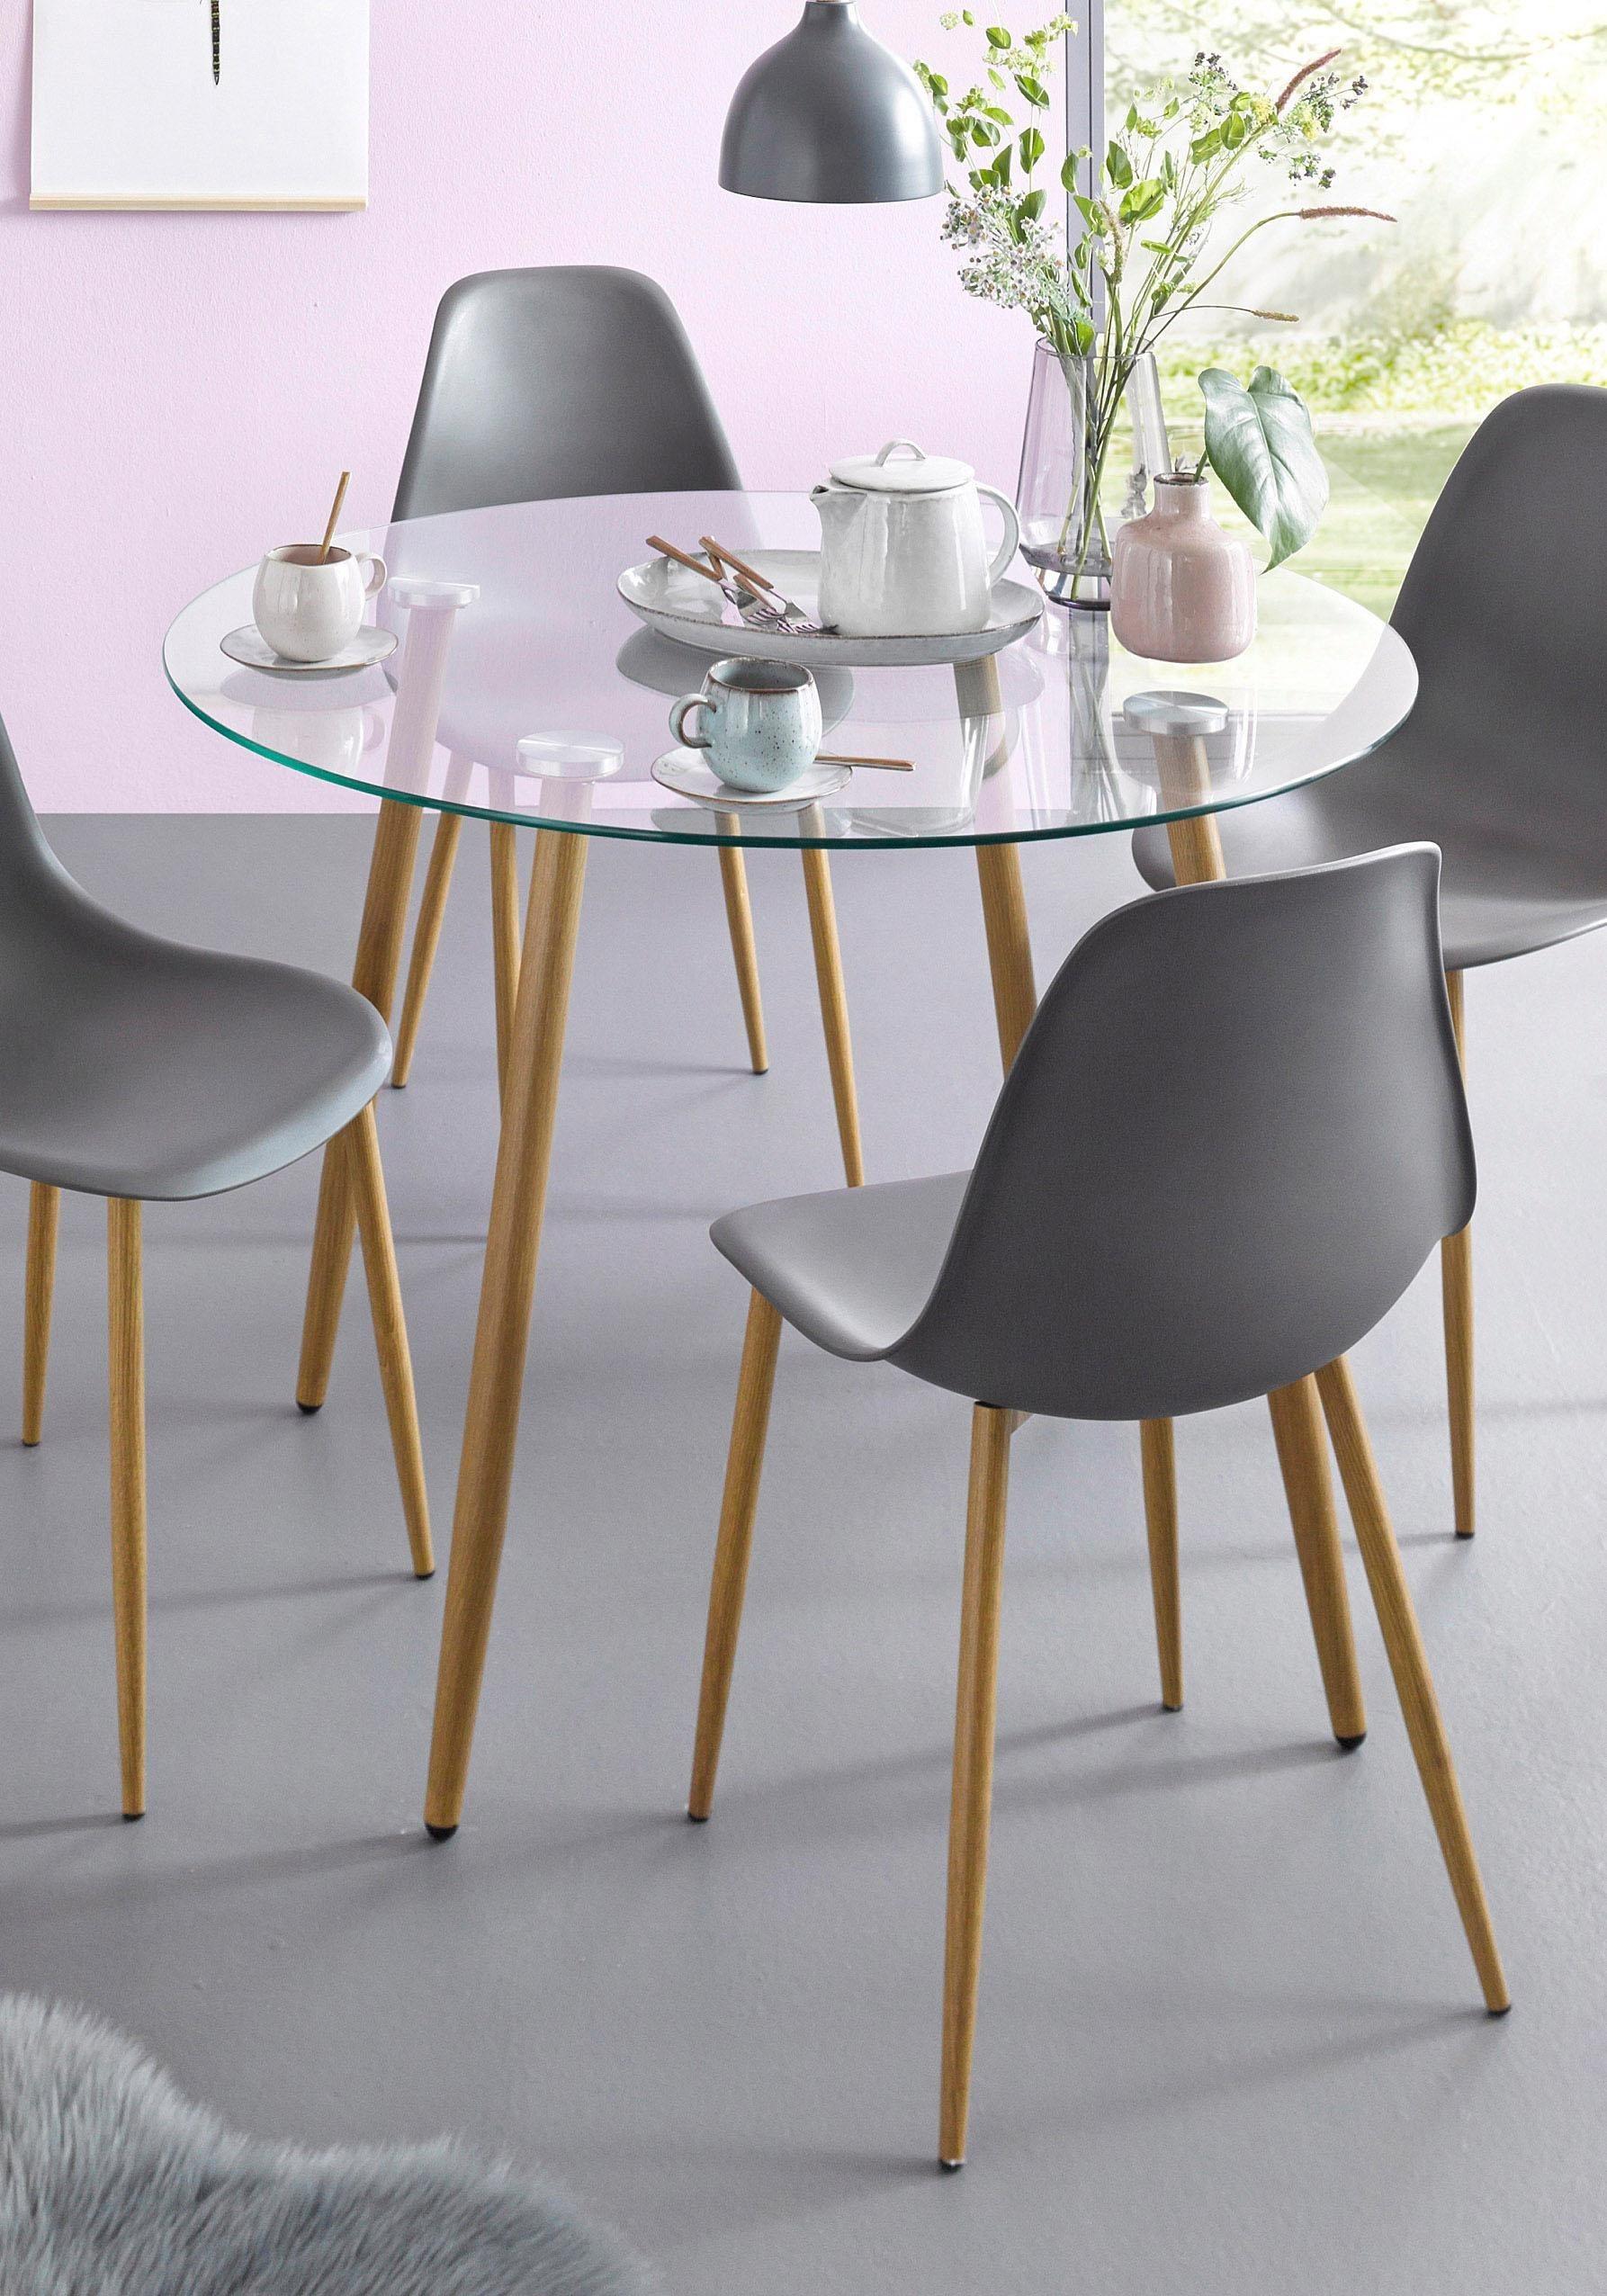 metall glastische online kaufen m bel suchmaschine. Black Bedroom Furniture Sets. Home Design Ideas